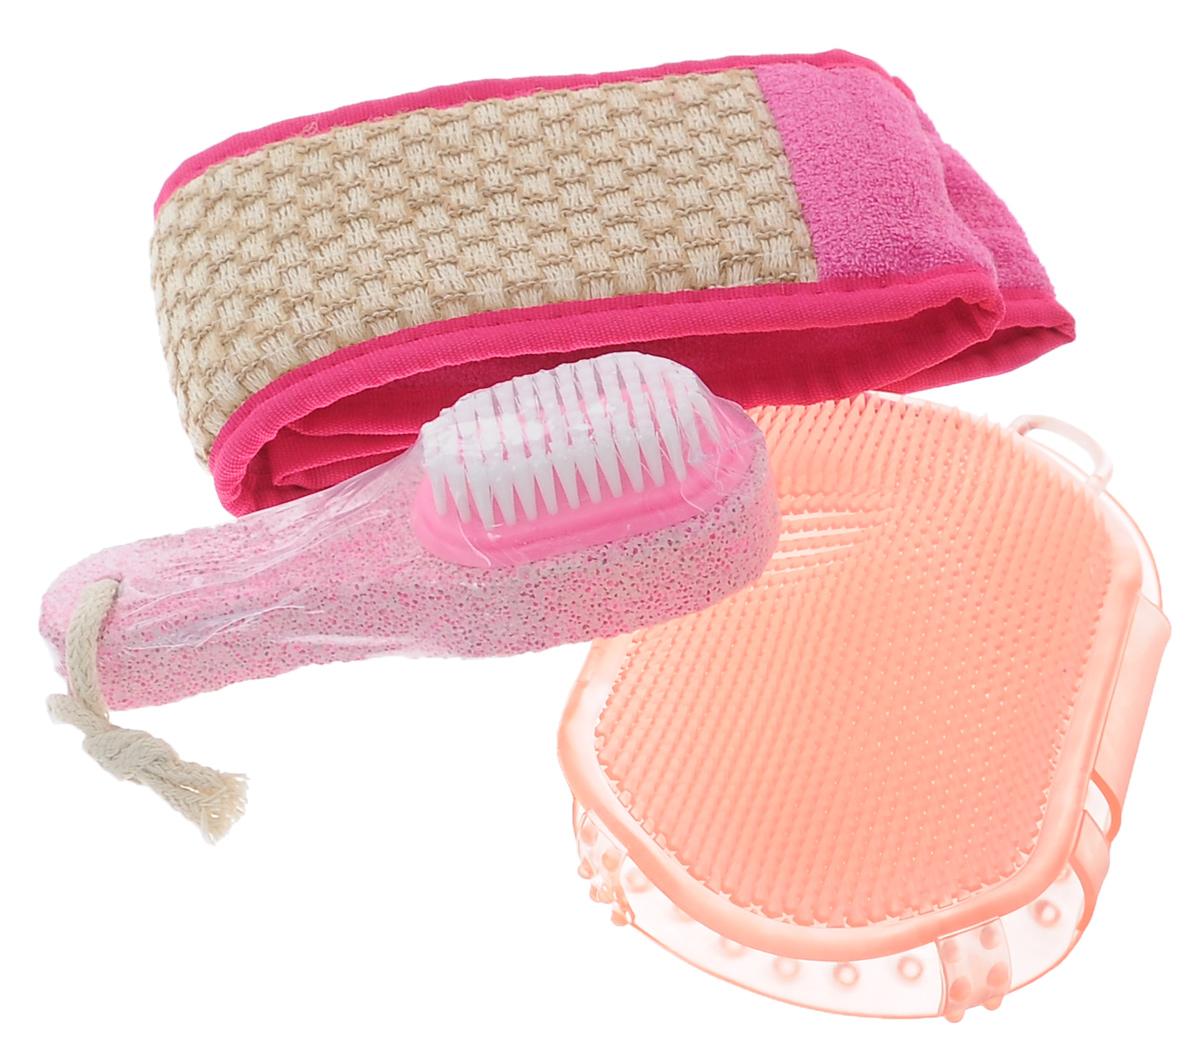 Набор для бани Eva К празднику, 3 предмета787502Набор для бани Eva К празднику включает в себя мочалку, массажер и пемзу. Мочалка выполнена хлопка, рами и ППУ, массажер - высококачественный ПВХ. Мочалка выравнивает текстуры кожи и очищает поры. Пемза обеспечивает уход за кожей ног. Мочалка позволяет расслабиться и избавиться от целлюлита.Такой набор поможет с удовольствием и пользой провести время в бане, а также станет чудесным подарком друзьям и знакомым, которые по достоинству оценят его при первом же использовании.Размер мочалки: 70 см х 10 см.Размер массажера: 15,5 см х 9,5 см.Размер пемзы: 14 см х 4,5 см х 3,5 см.